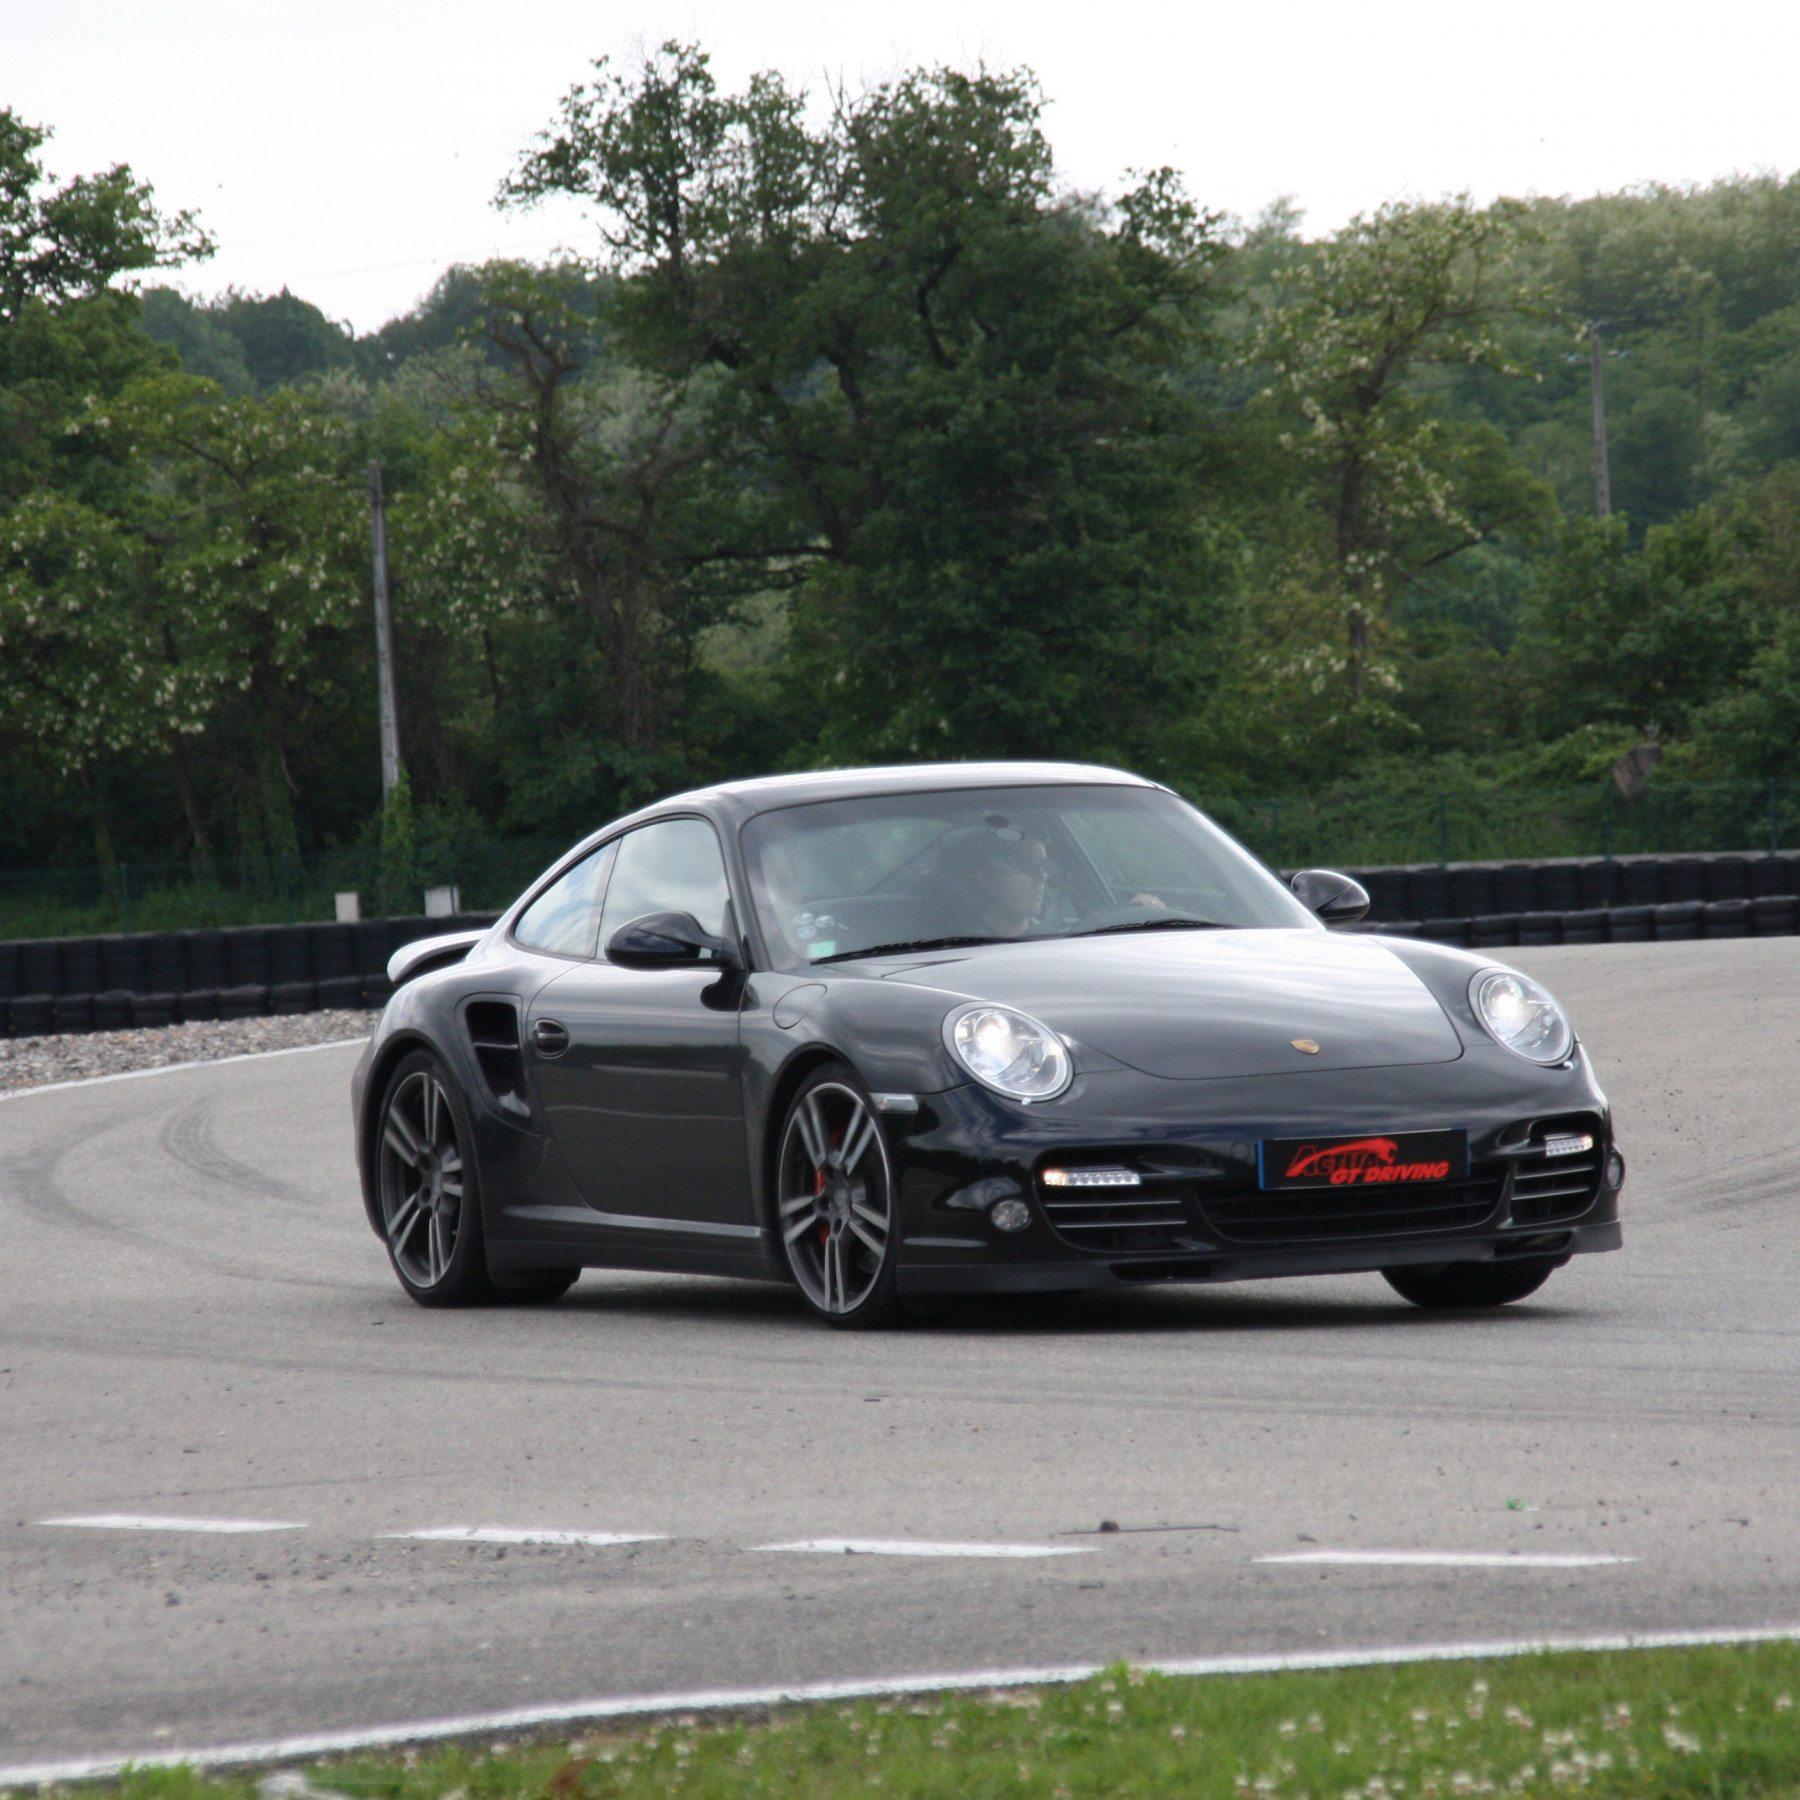 Guida una Porsche 997 BiTurbo da 99 € - Lombardore (TO) - 2